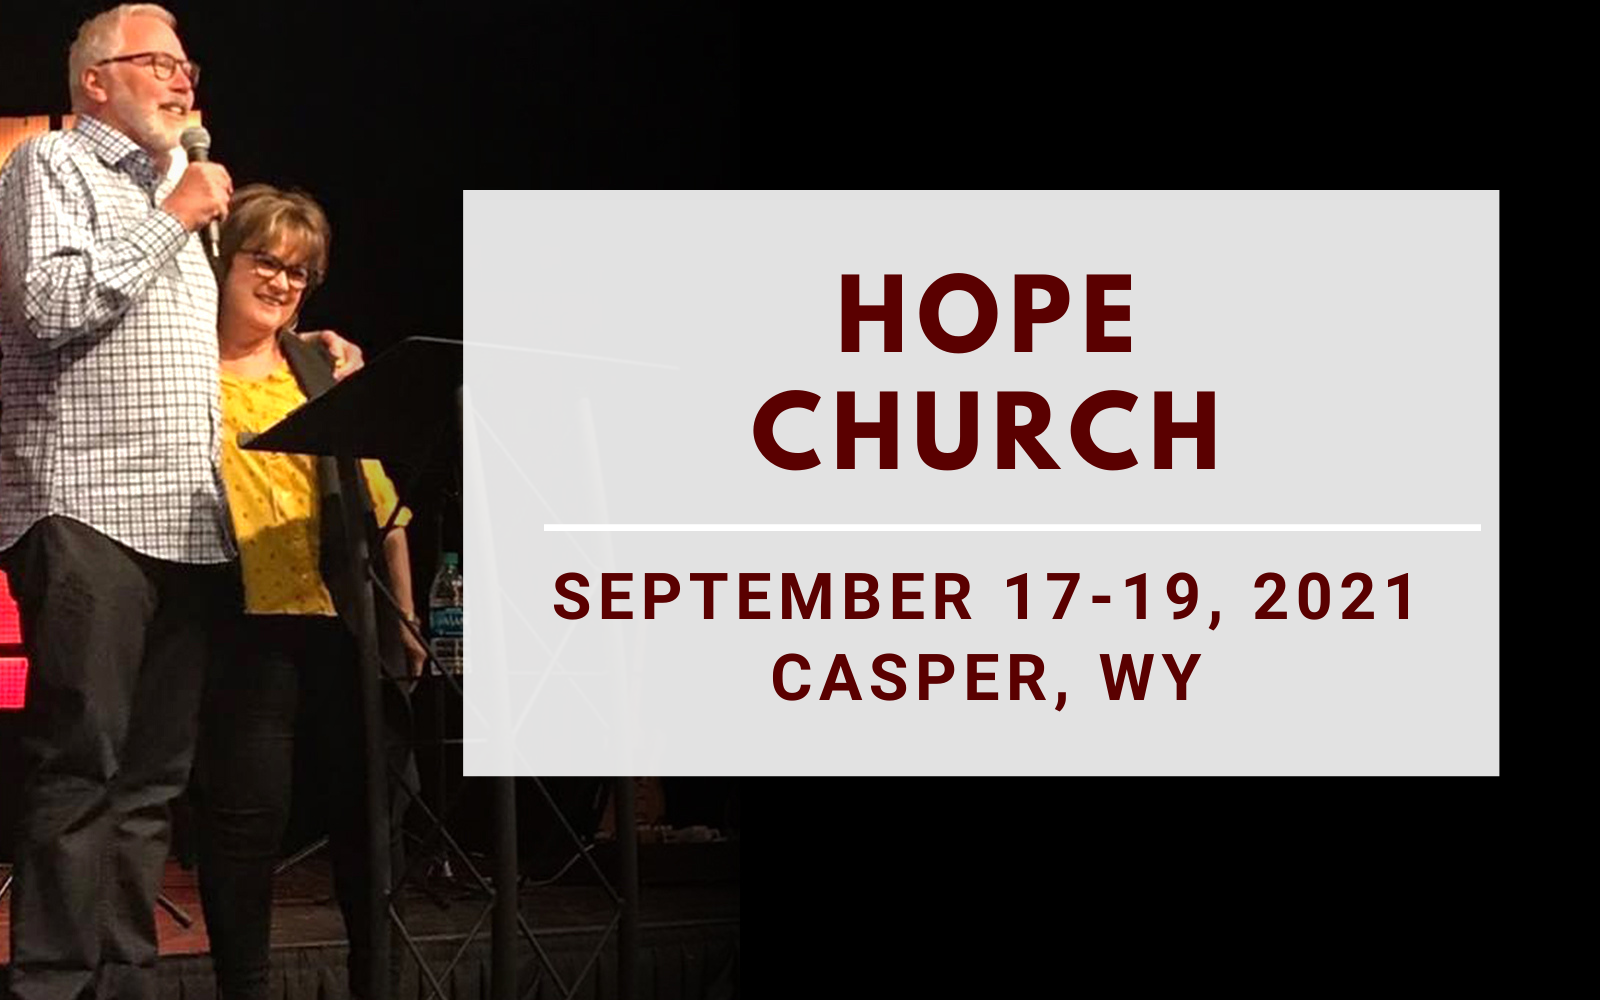 Casper, WY - Hope Church